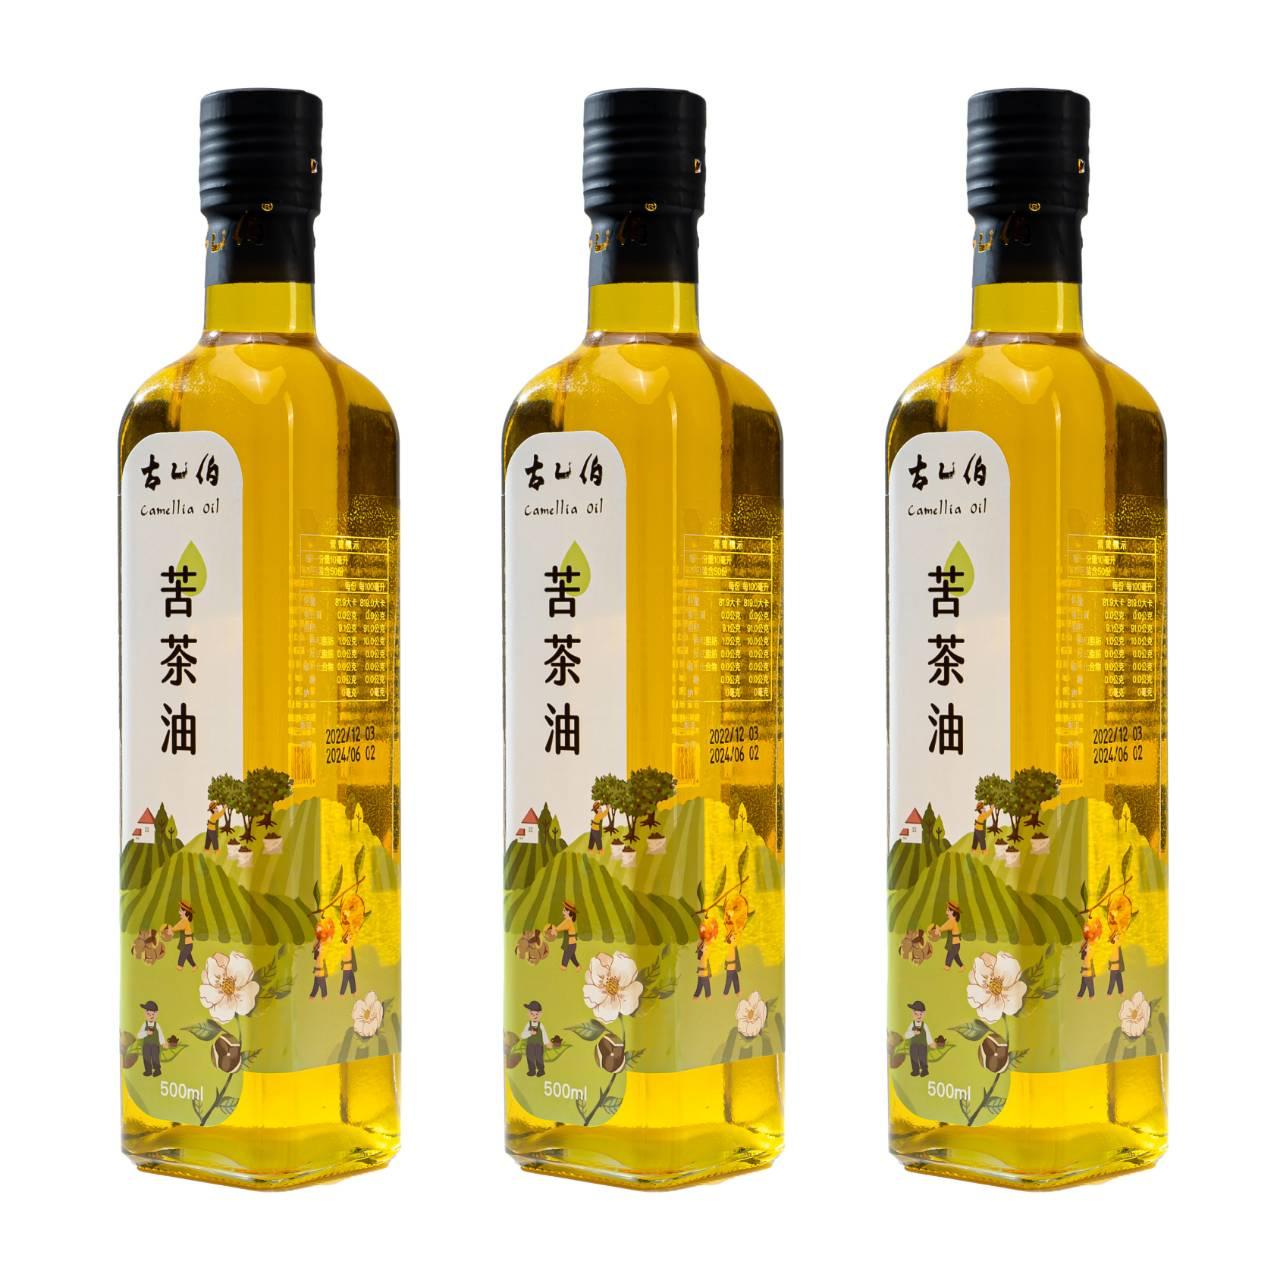 《古乙伯》苦茶油 (500ml /3瓶)